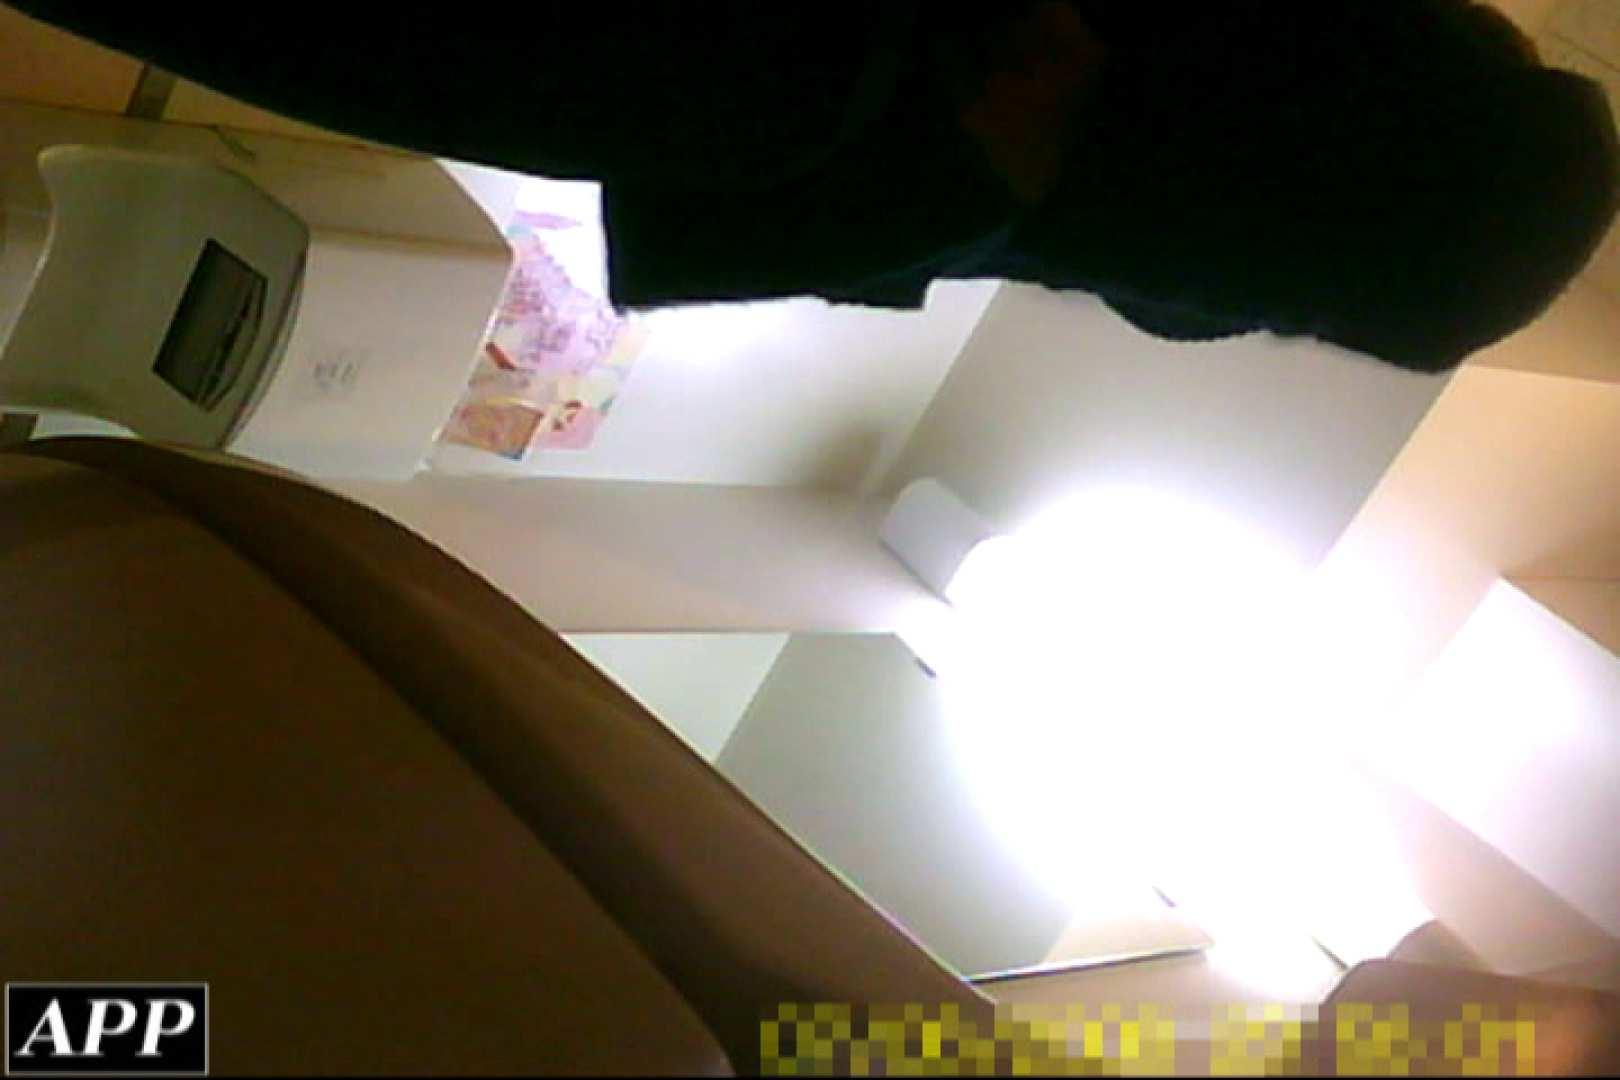 3視点洗面所 vol.70 肛門特集 アダルト動画キャプチャ 89pic 83